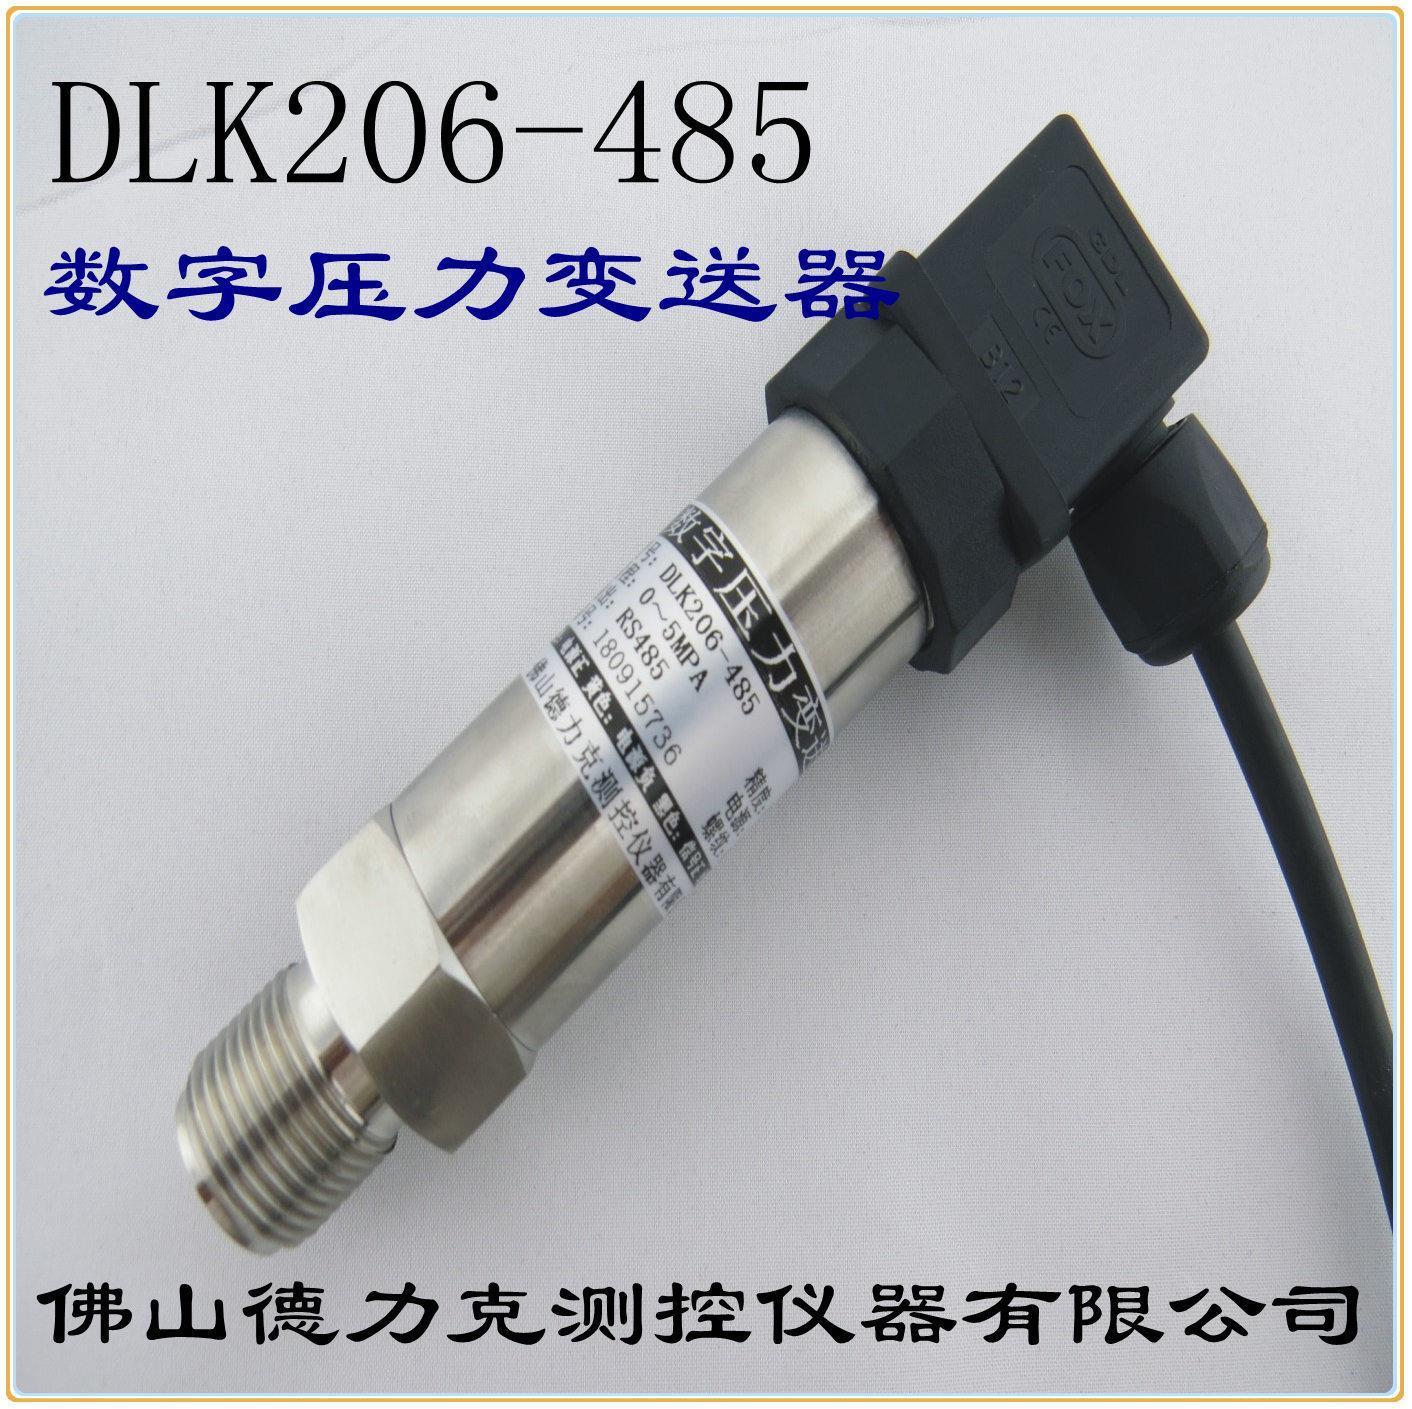 数字压力传感器|RS485数字压力传感器|连接电脑数字压力传感器厂家